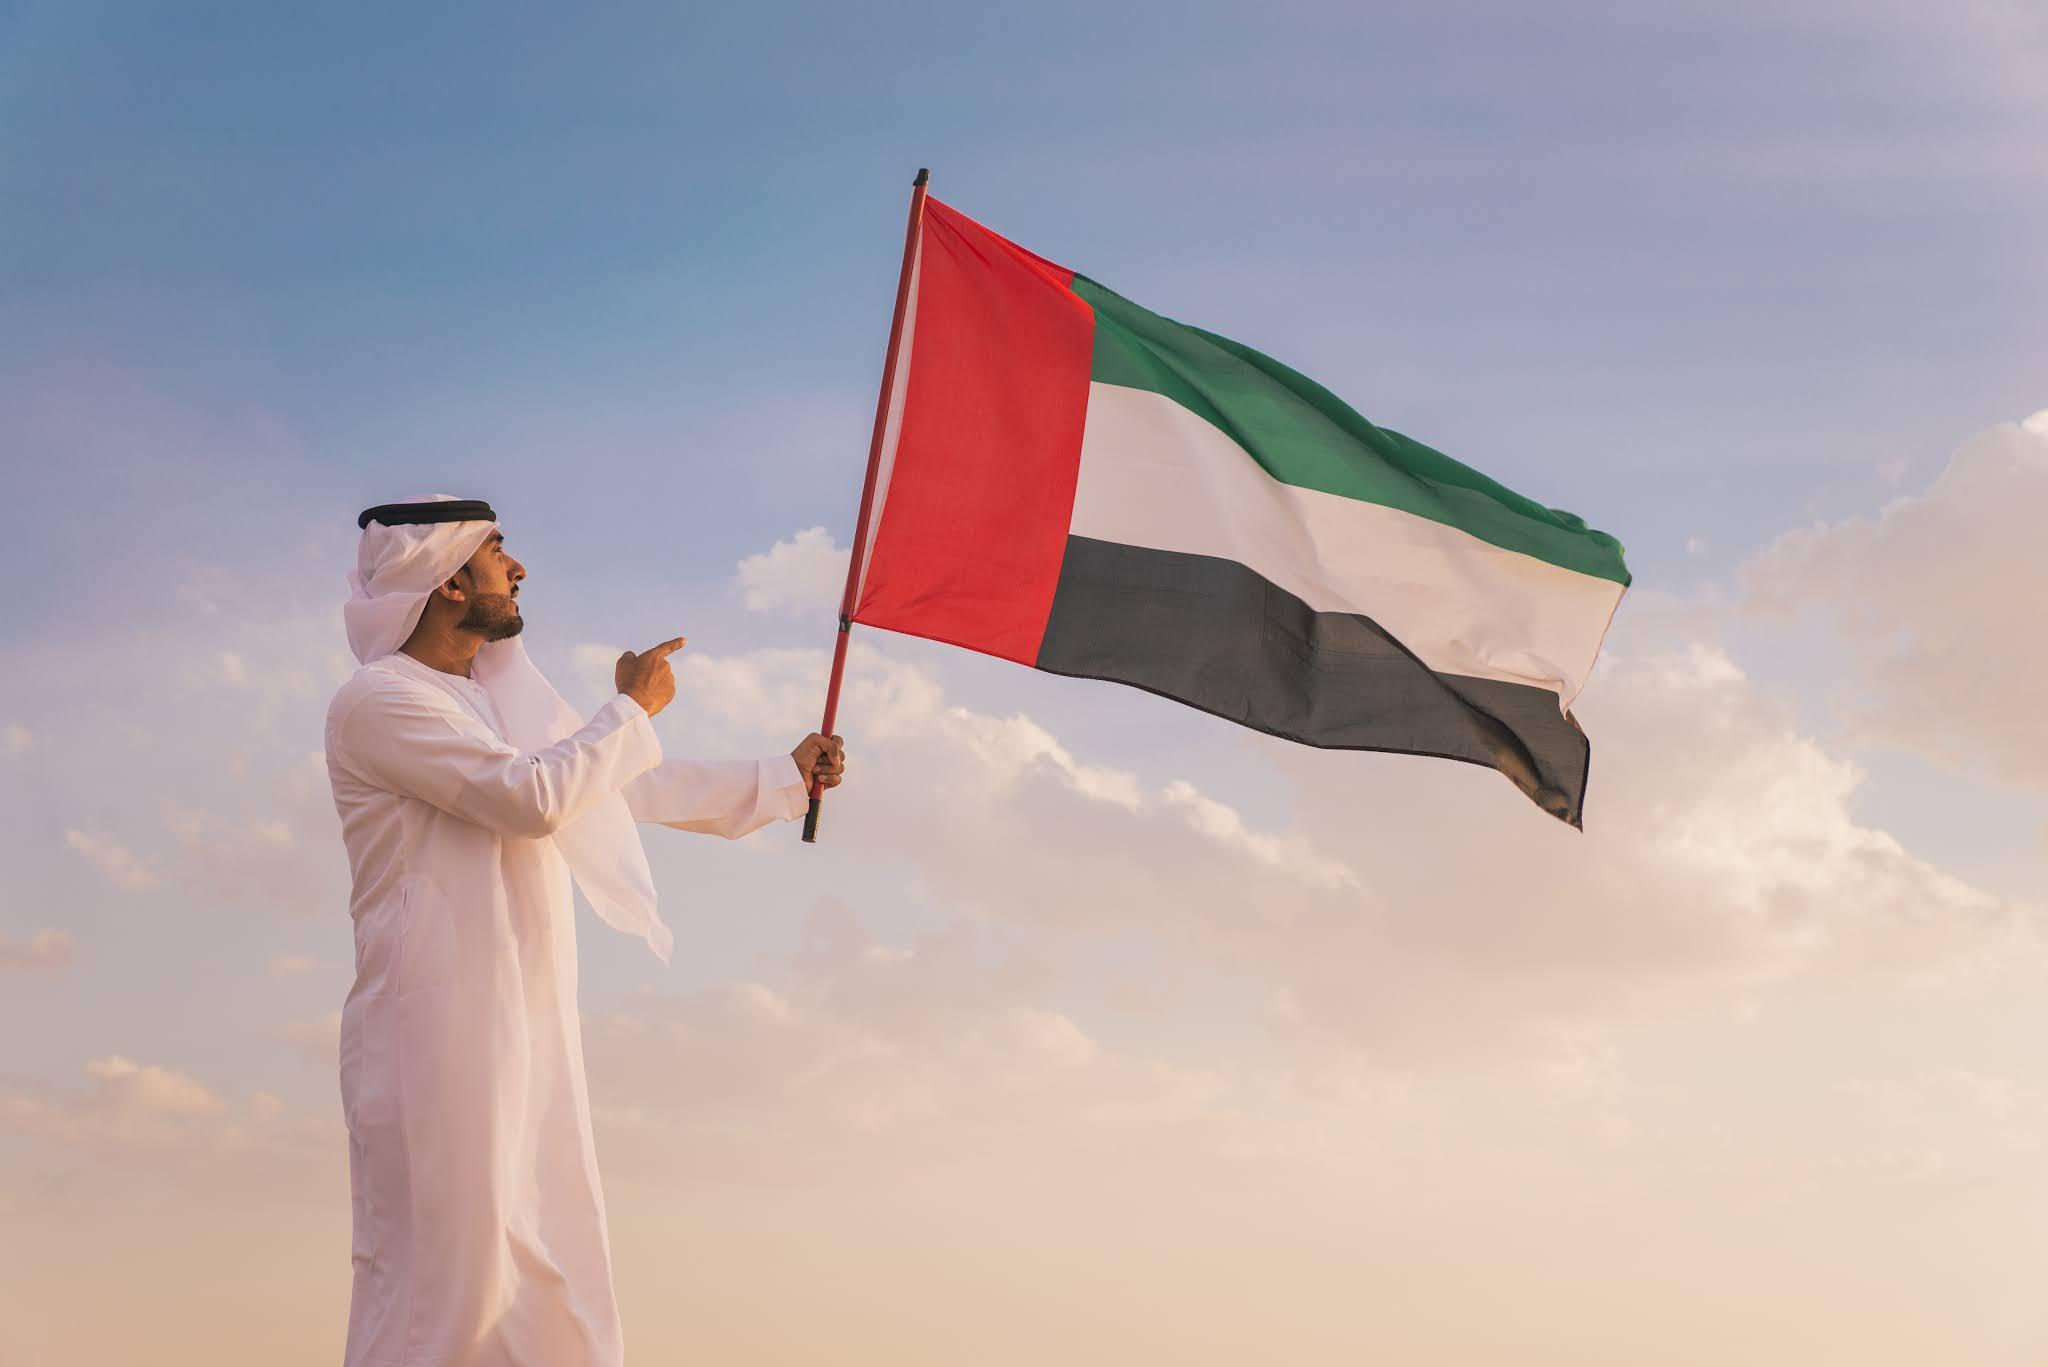 إكسبو Expo دبي يوفر خدمات النقل المجاني للزوار